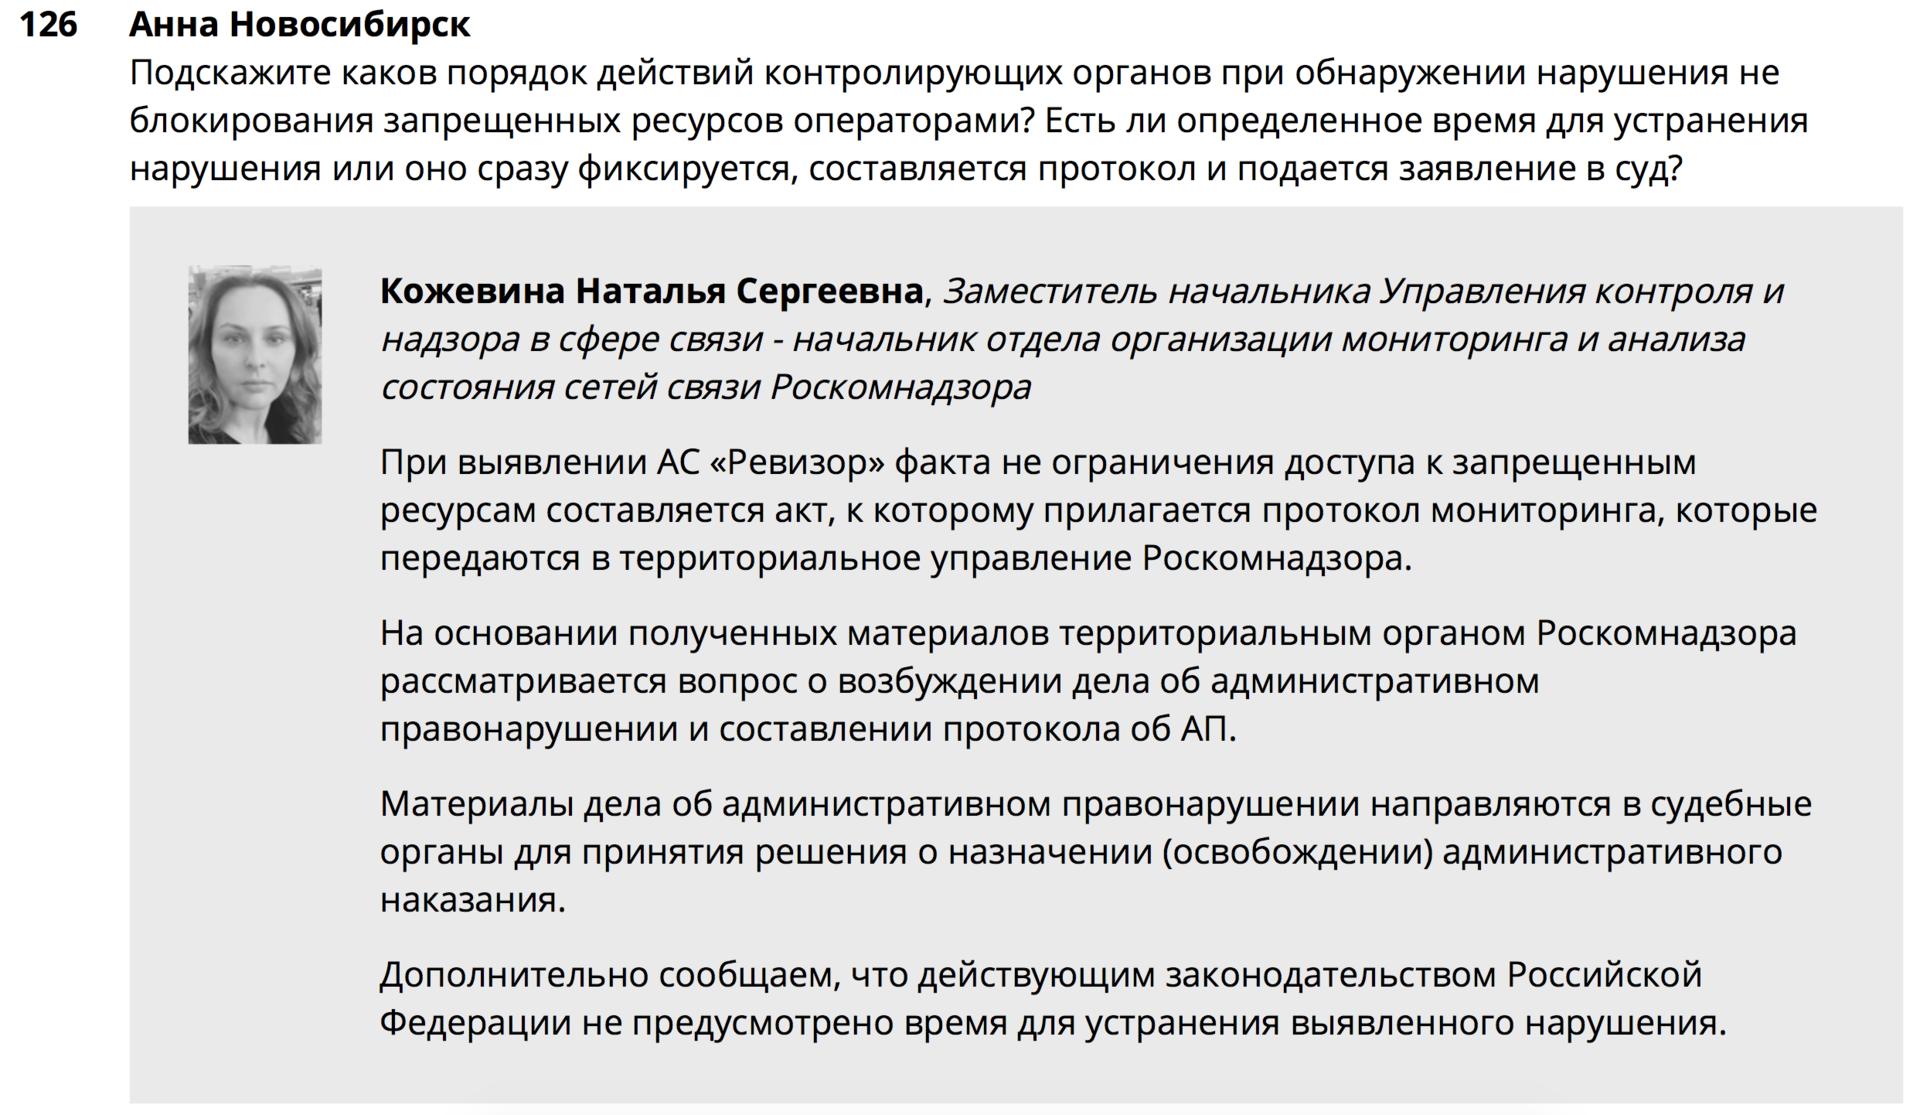 Анализ он-лайн конференций РКН на тему: «проблемные вопросы ограничения доступа к информации...» - 13